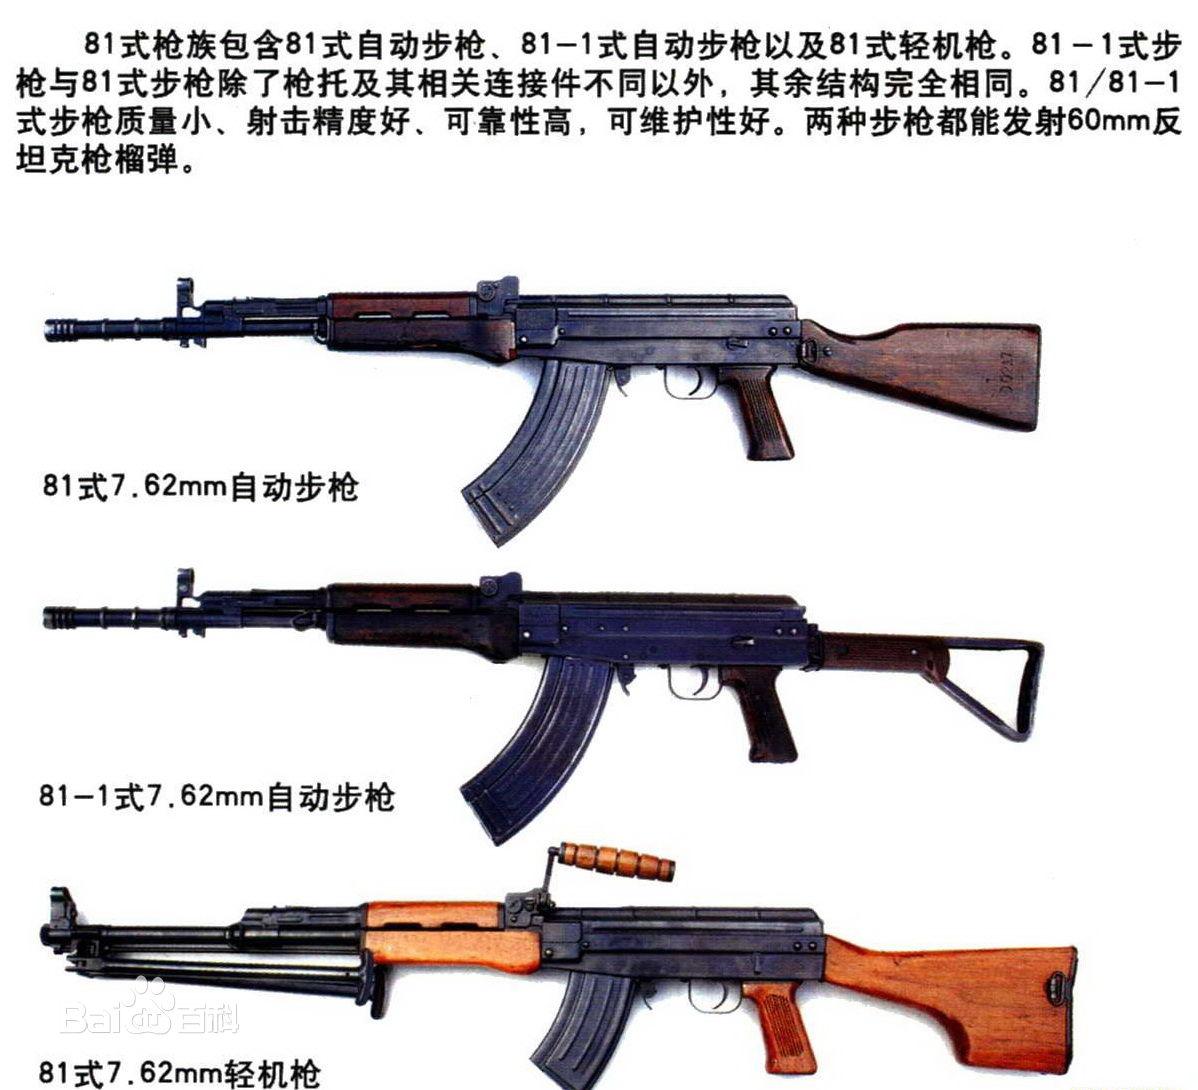 中国是否只有95步枪?_百度知道